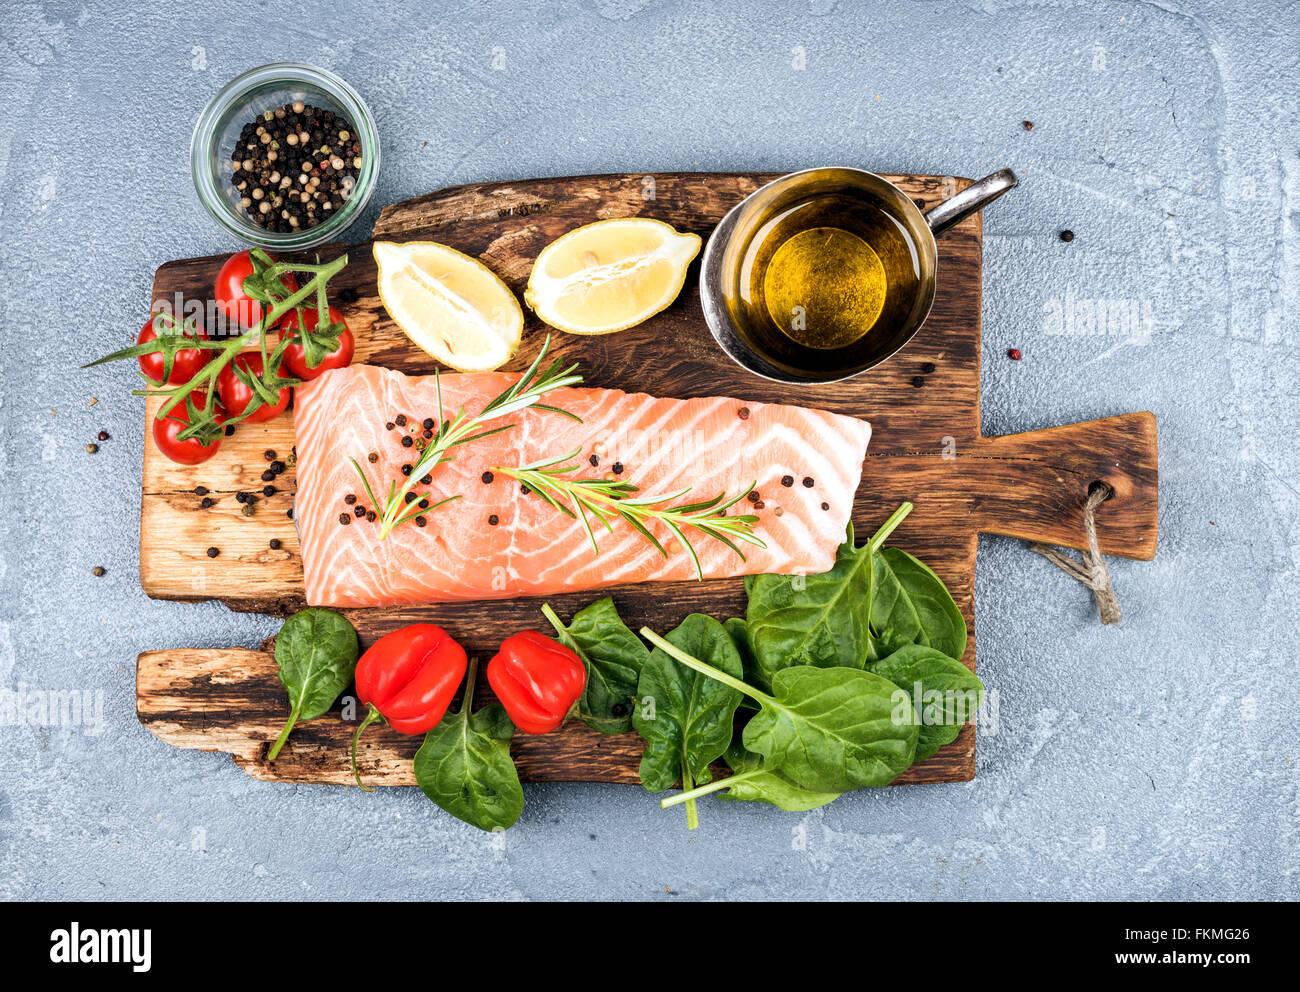 Ingrédients pour cuisiner un dîner sain. Filet de saumon cru, épinards, tomates, huile d'olive, Photo Stock